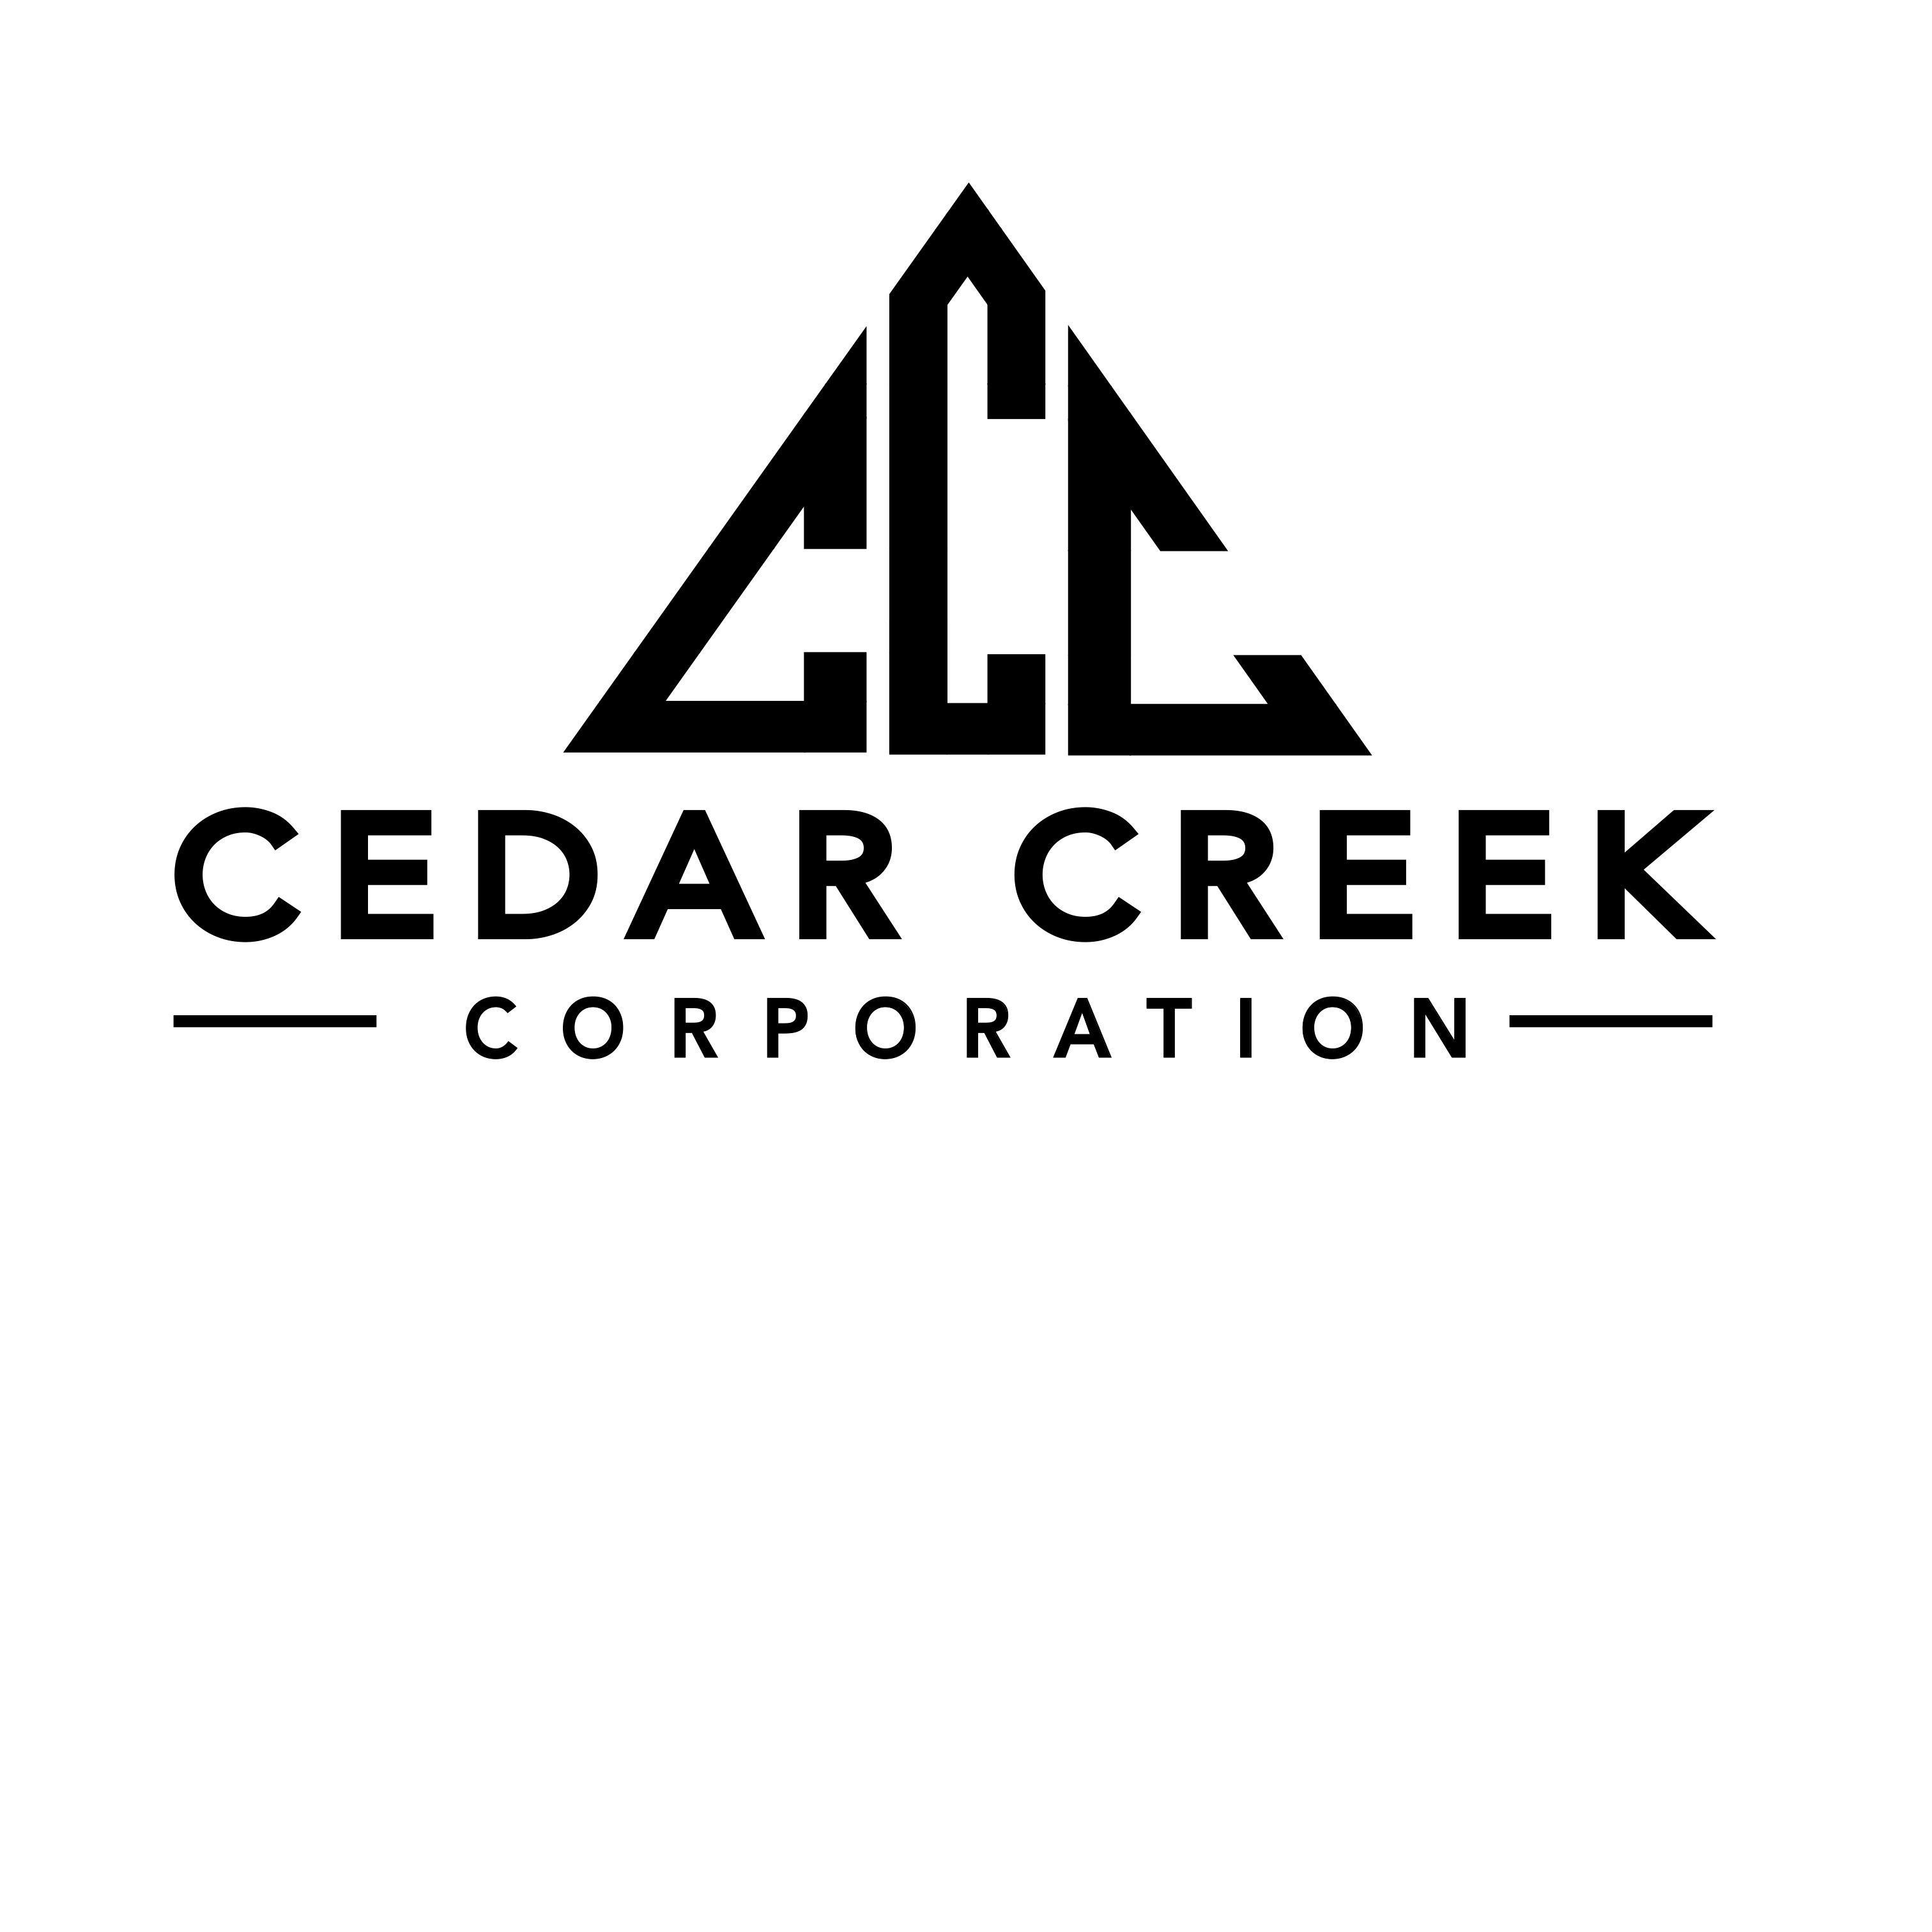 Cedar Creek Corporation